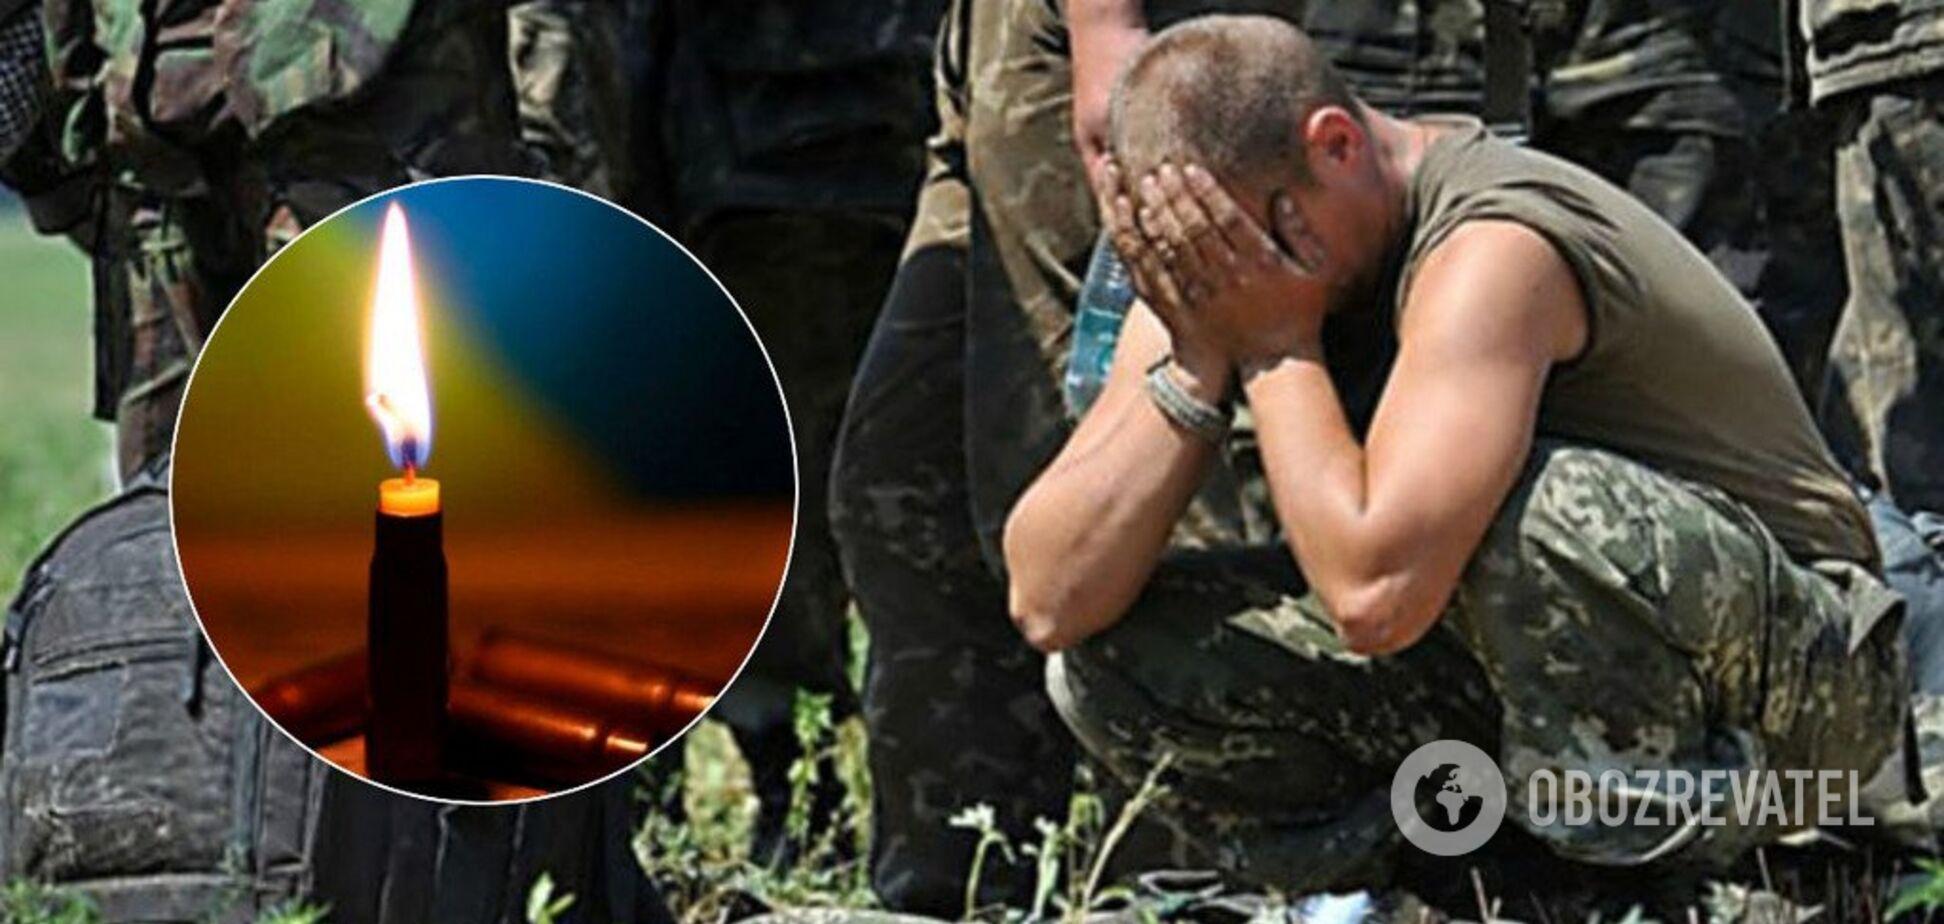 Похоронят в закрытом гробу: как погиб украинский сапер на Донбассе